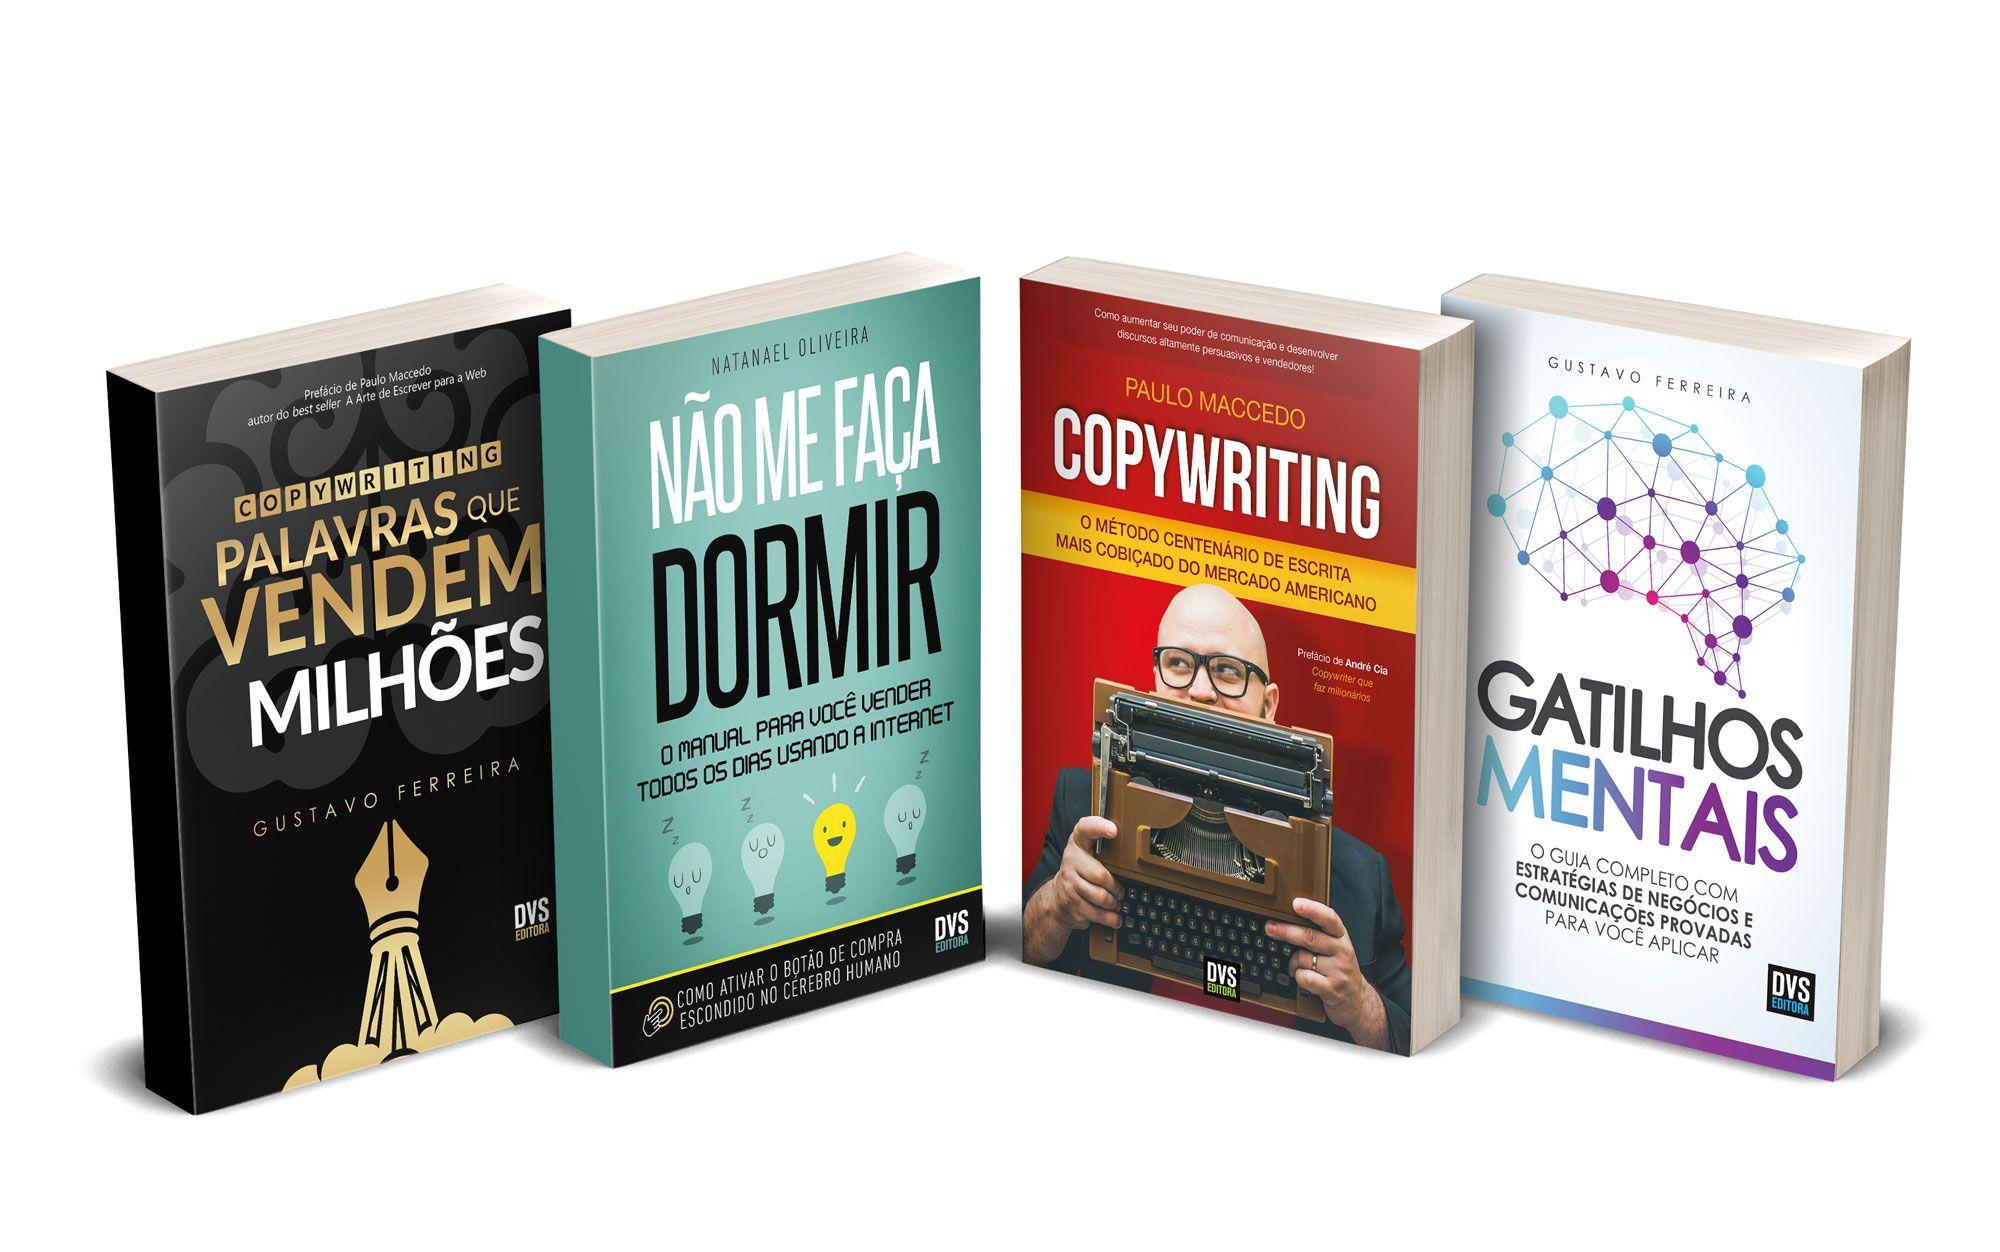 Kit Copywriting com 4 livros - Black Friday